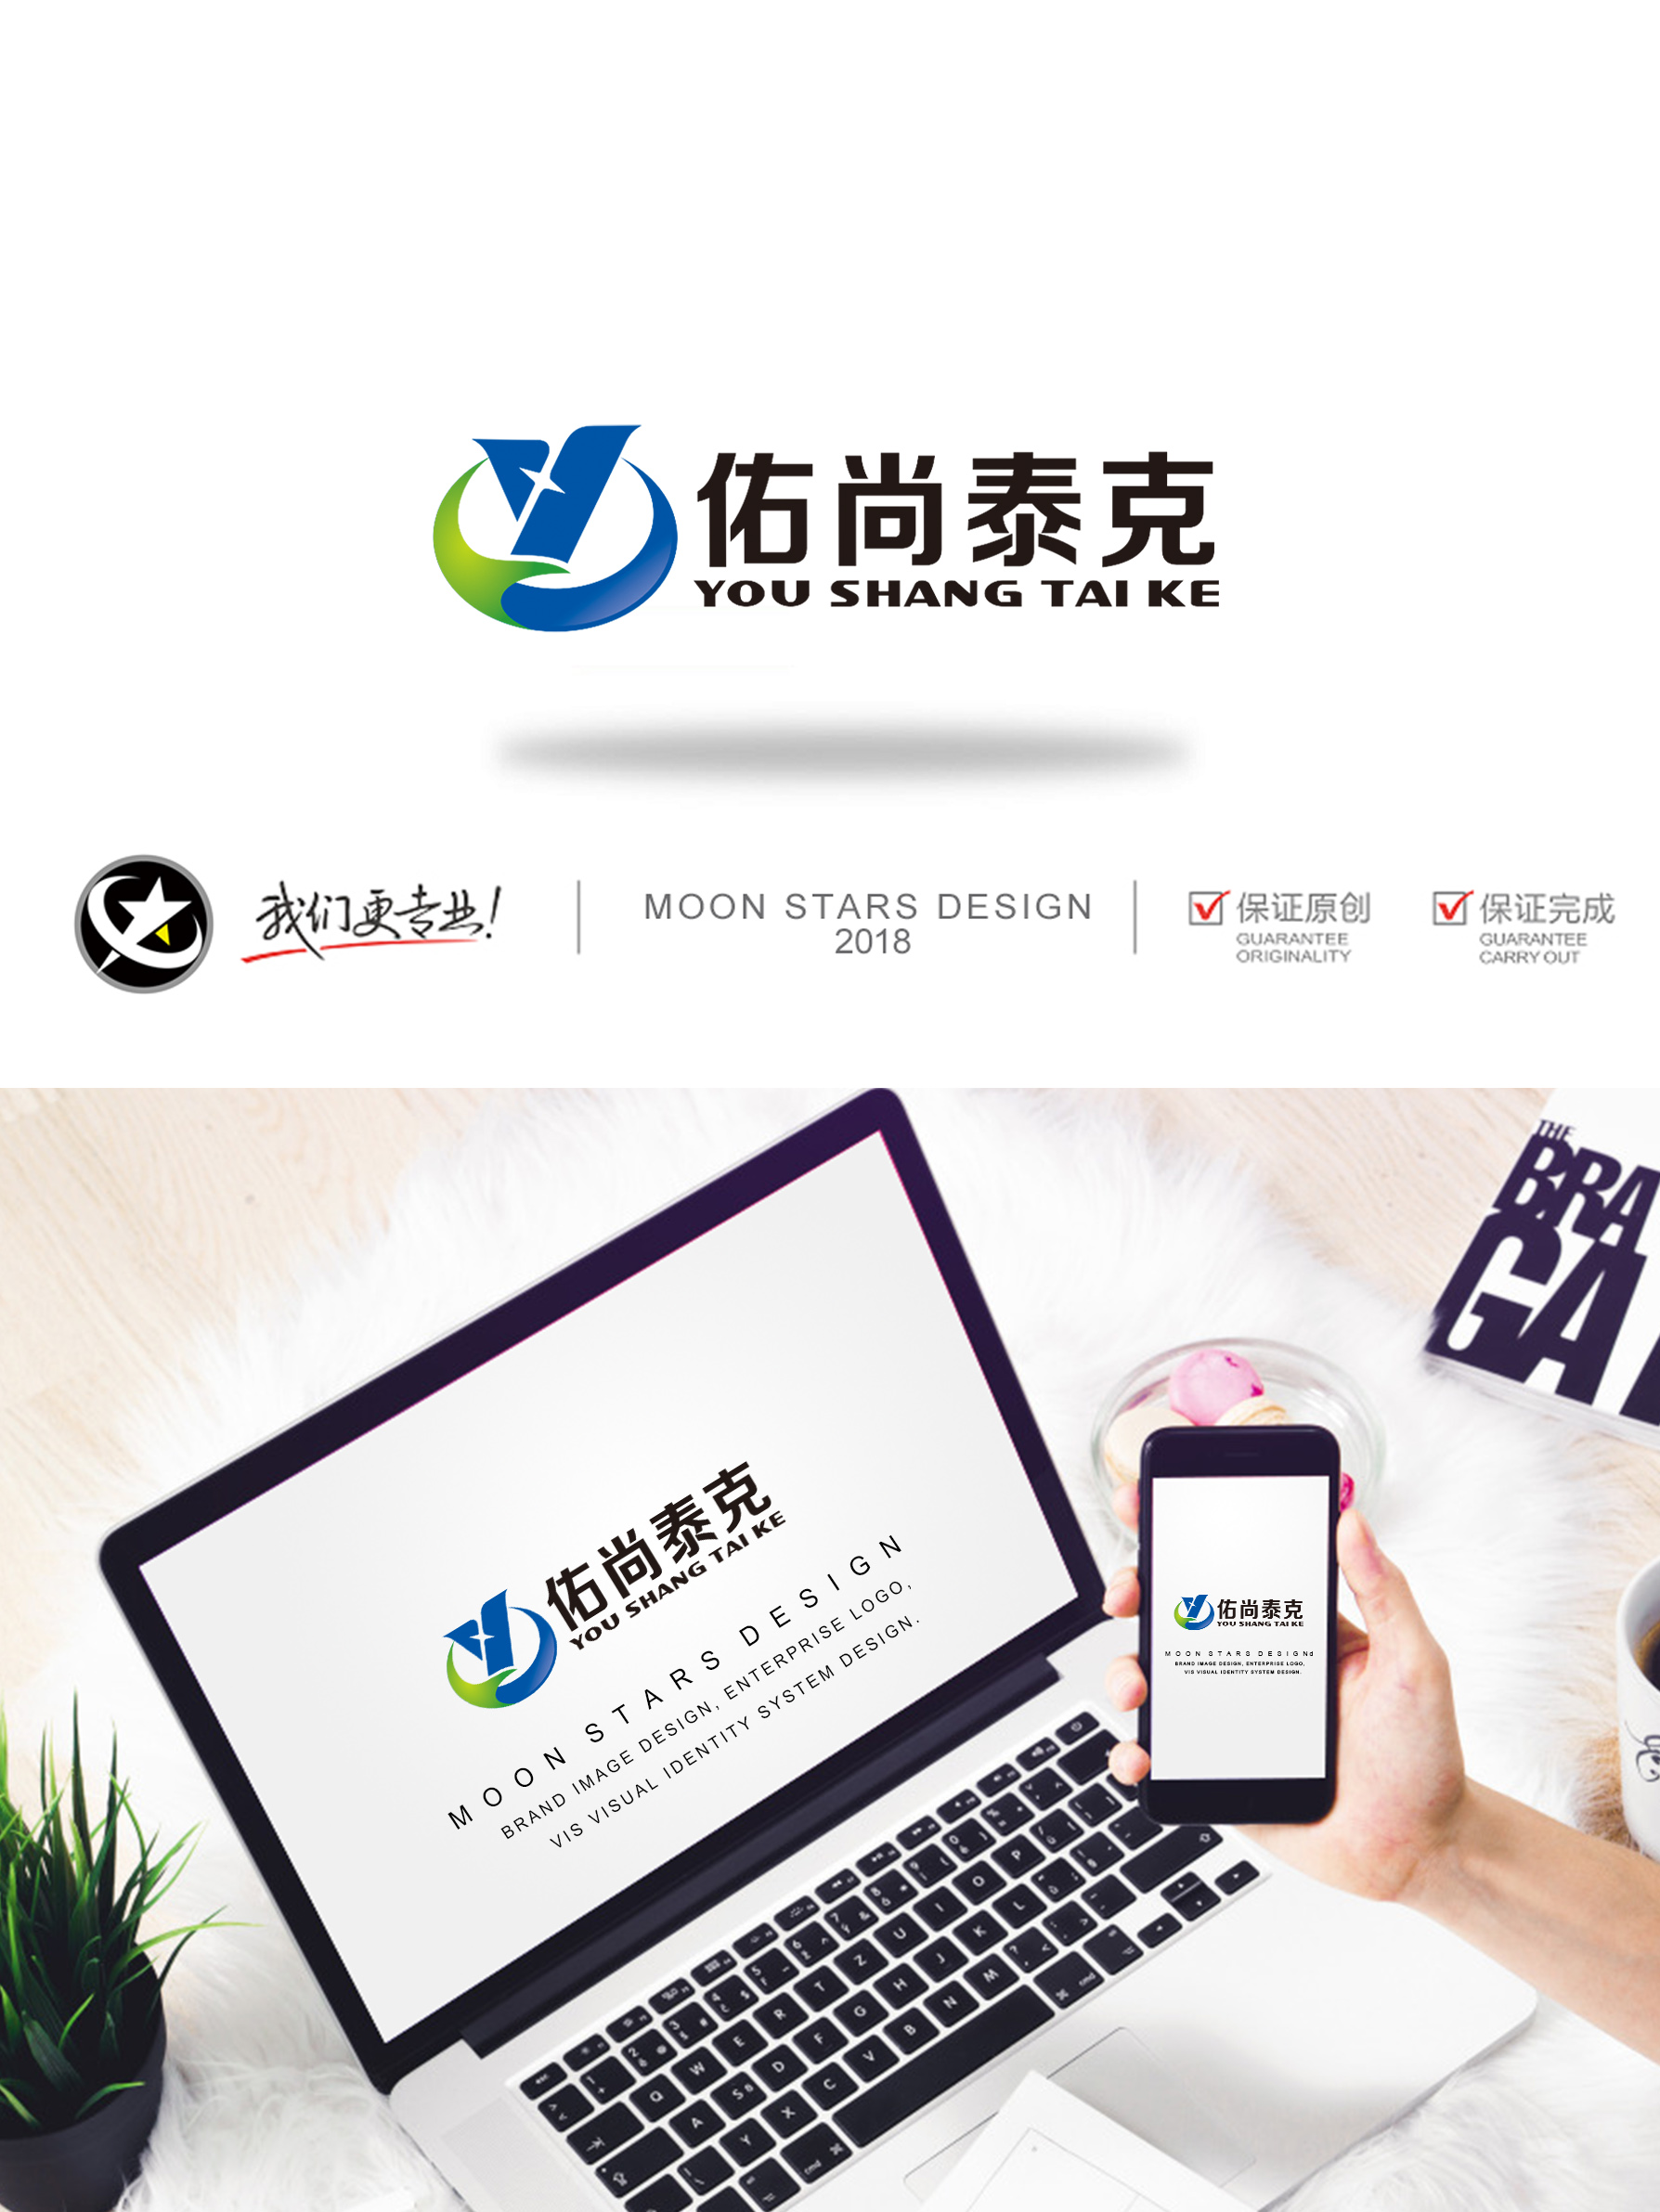 设计公司logo_2965448_k68威客网